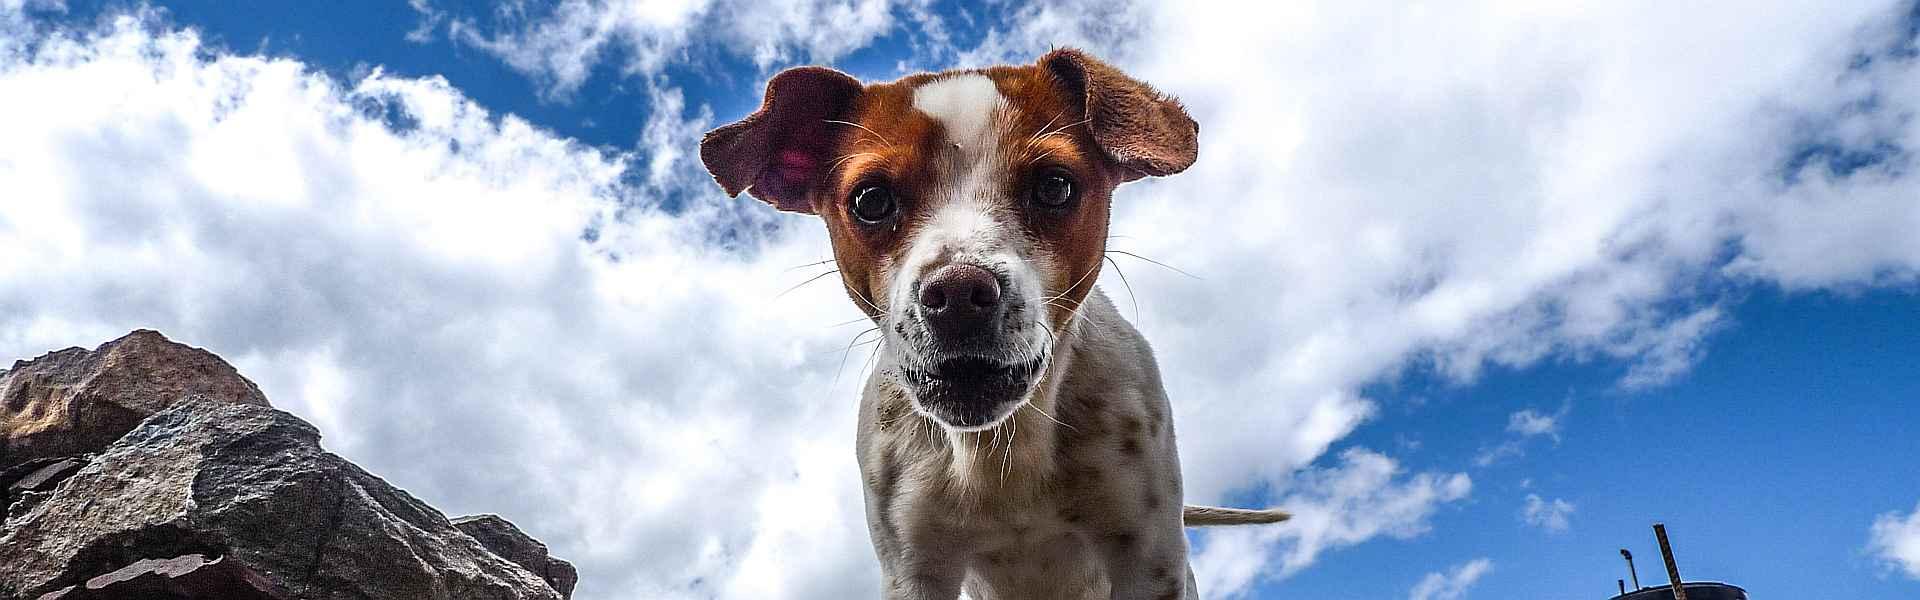 Zwart-wit-bruin hondje bij 'Het hondje uit mijn dromen' van Paul Schrijft via Snapwire